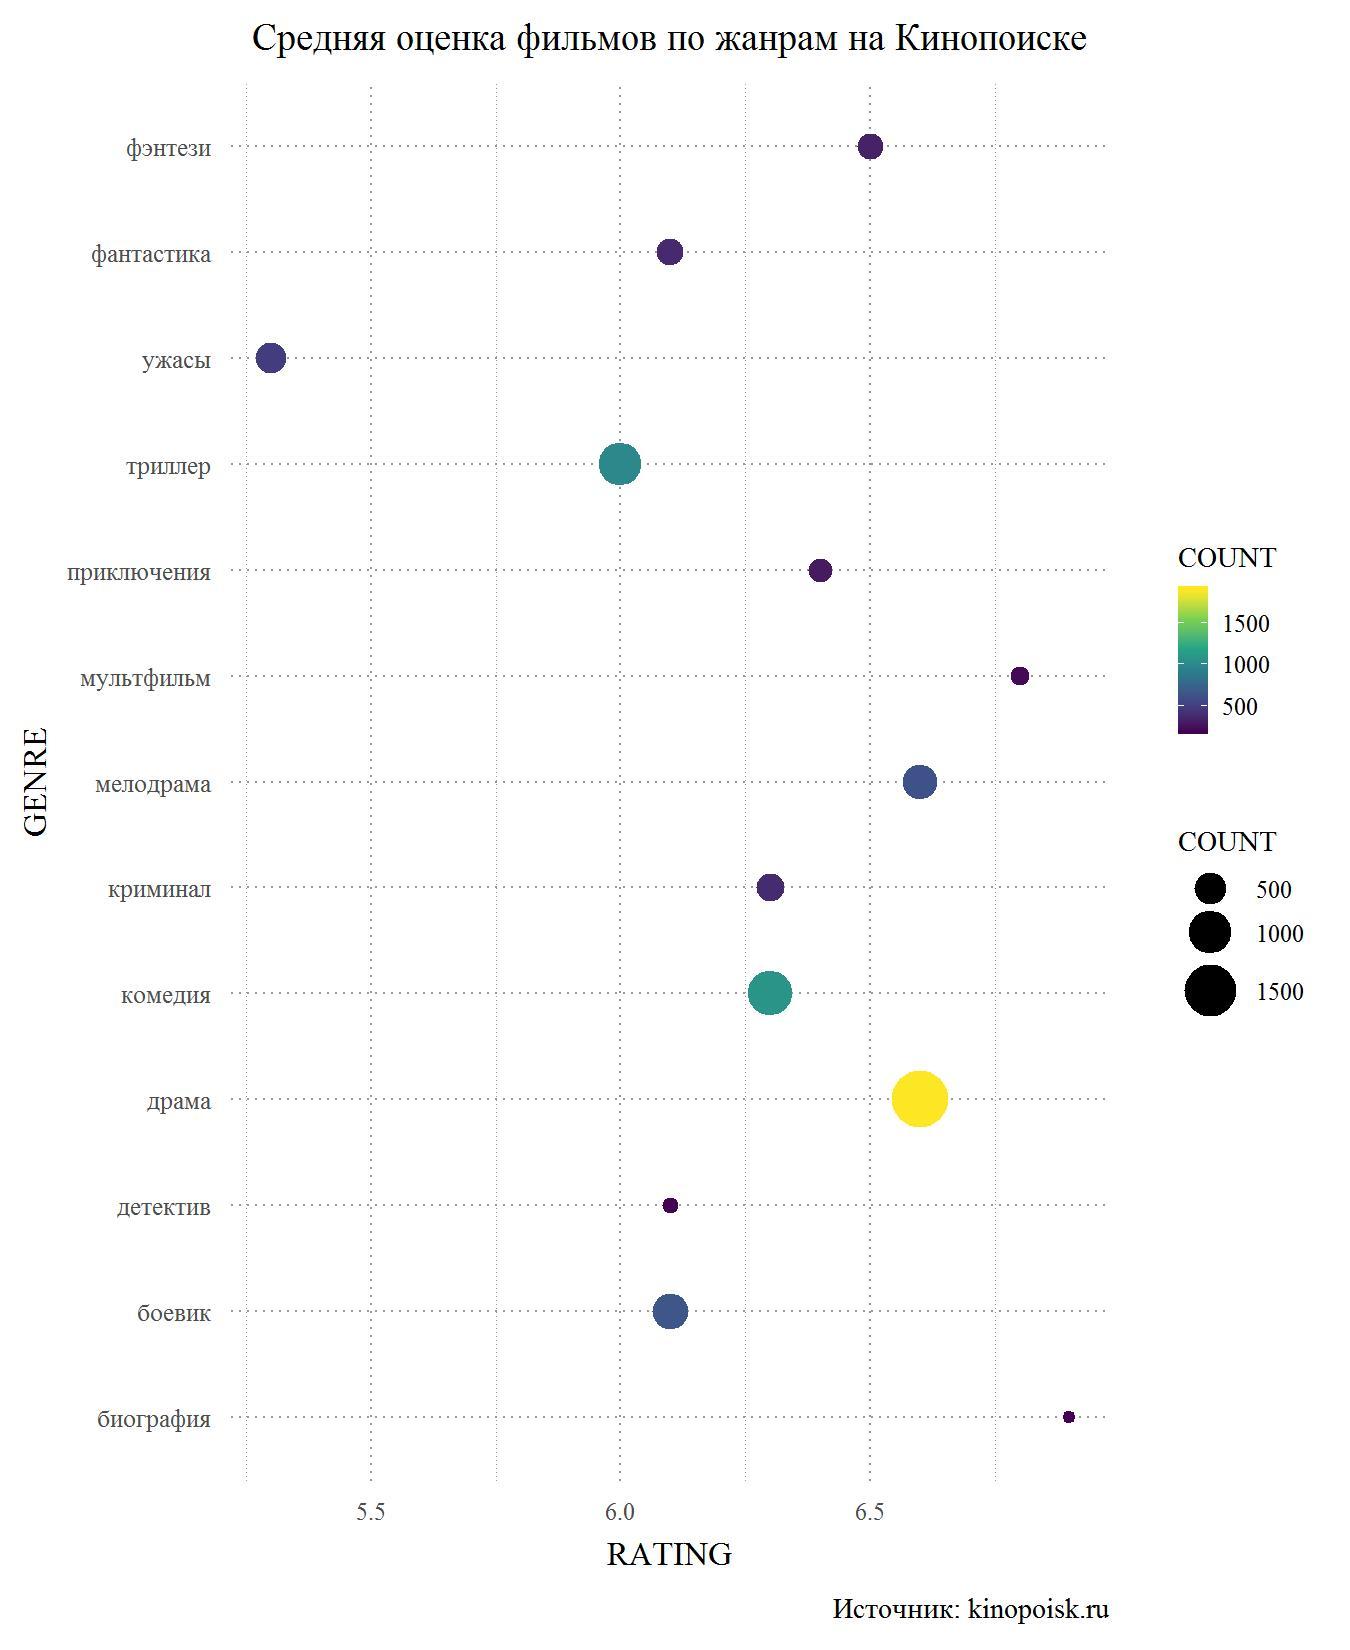 Web scraping с помощью R. Сравнение оценок фильмов на сайтах Кинопоиск и IMDB - 8